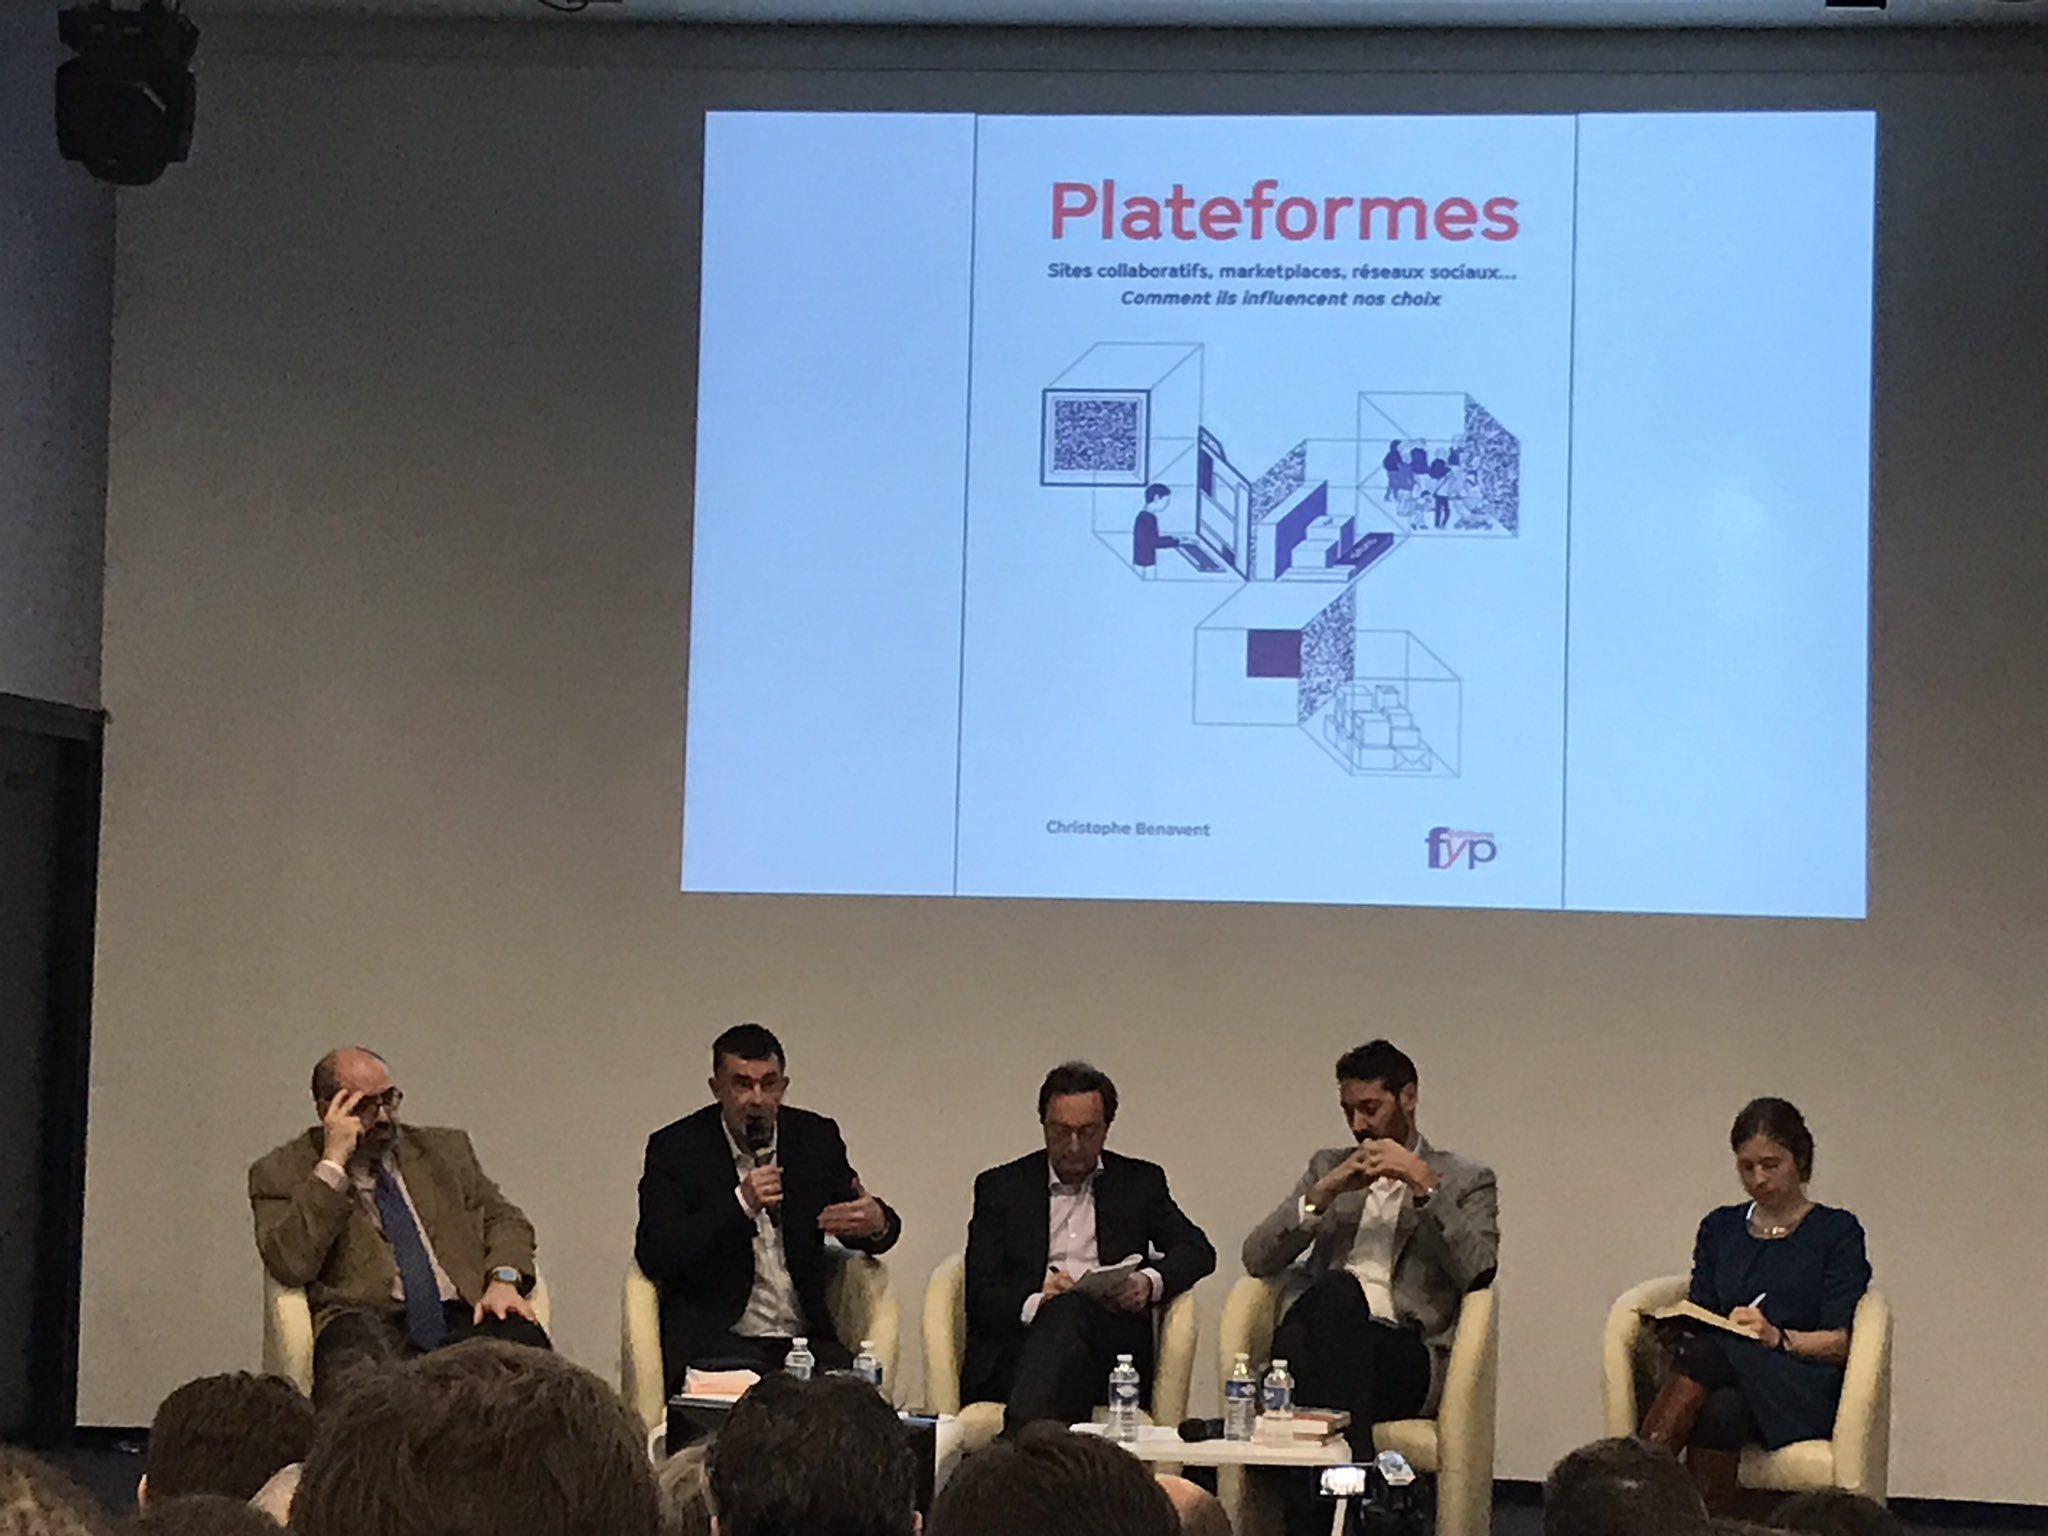 Pr @Benavent : l'utilisation d'algorithmes pour faire correspondre des personnes et des marchandises a changé le commerce #chaireleclerc https://t.co/QylNt7j2ki